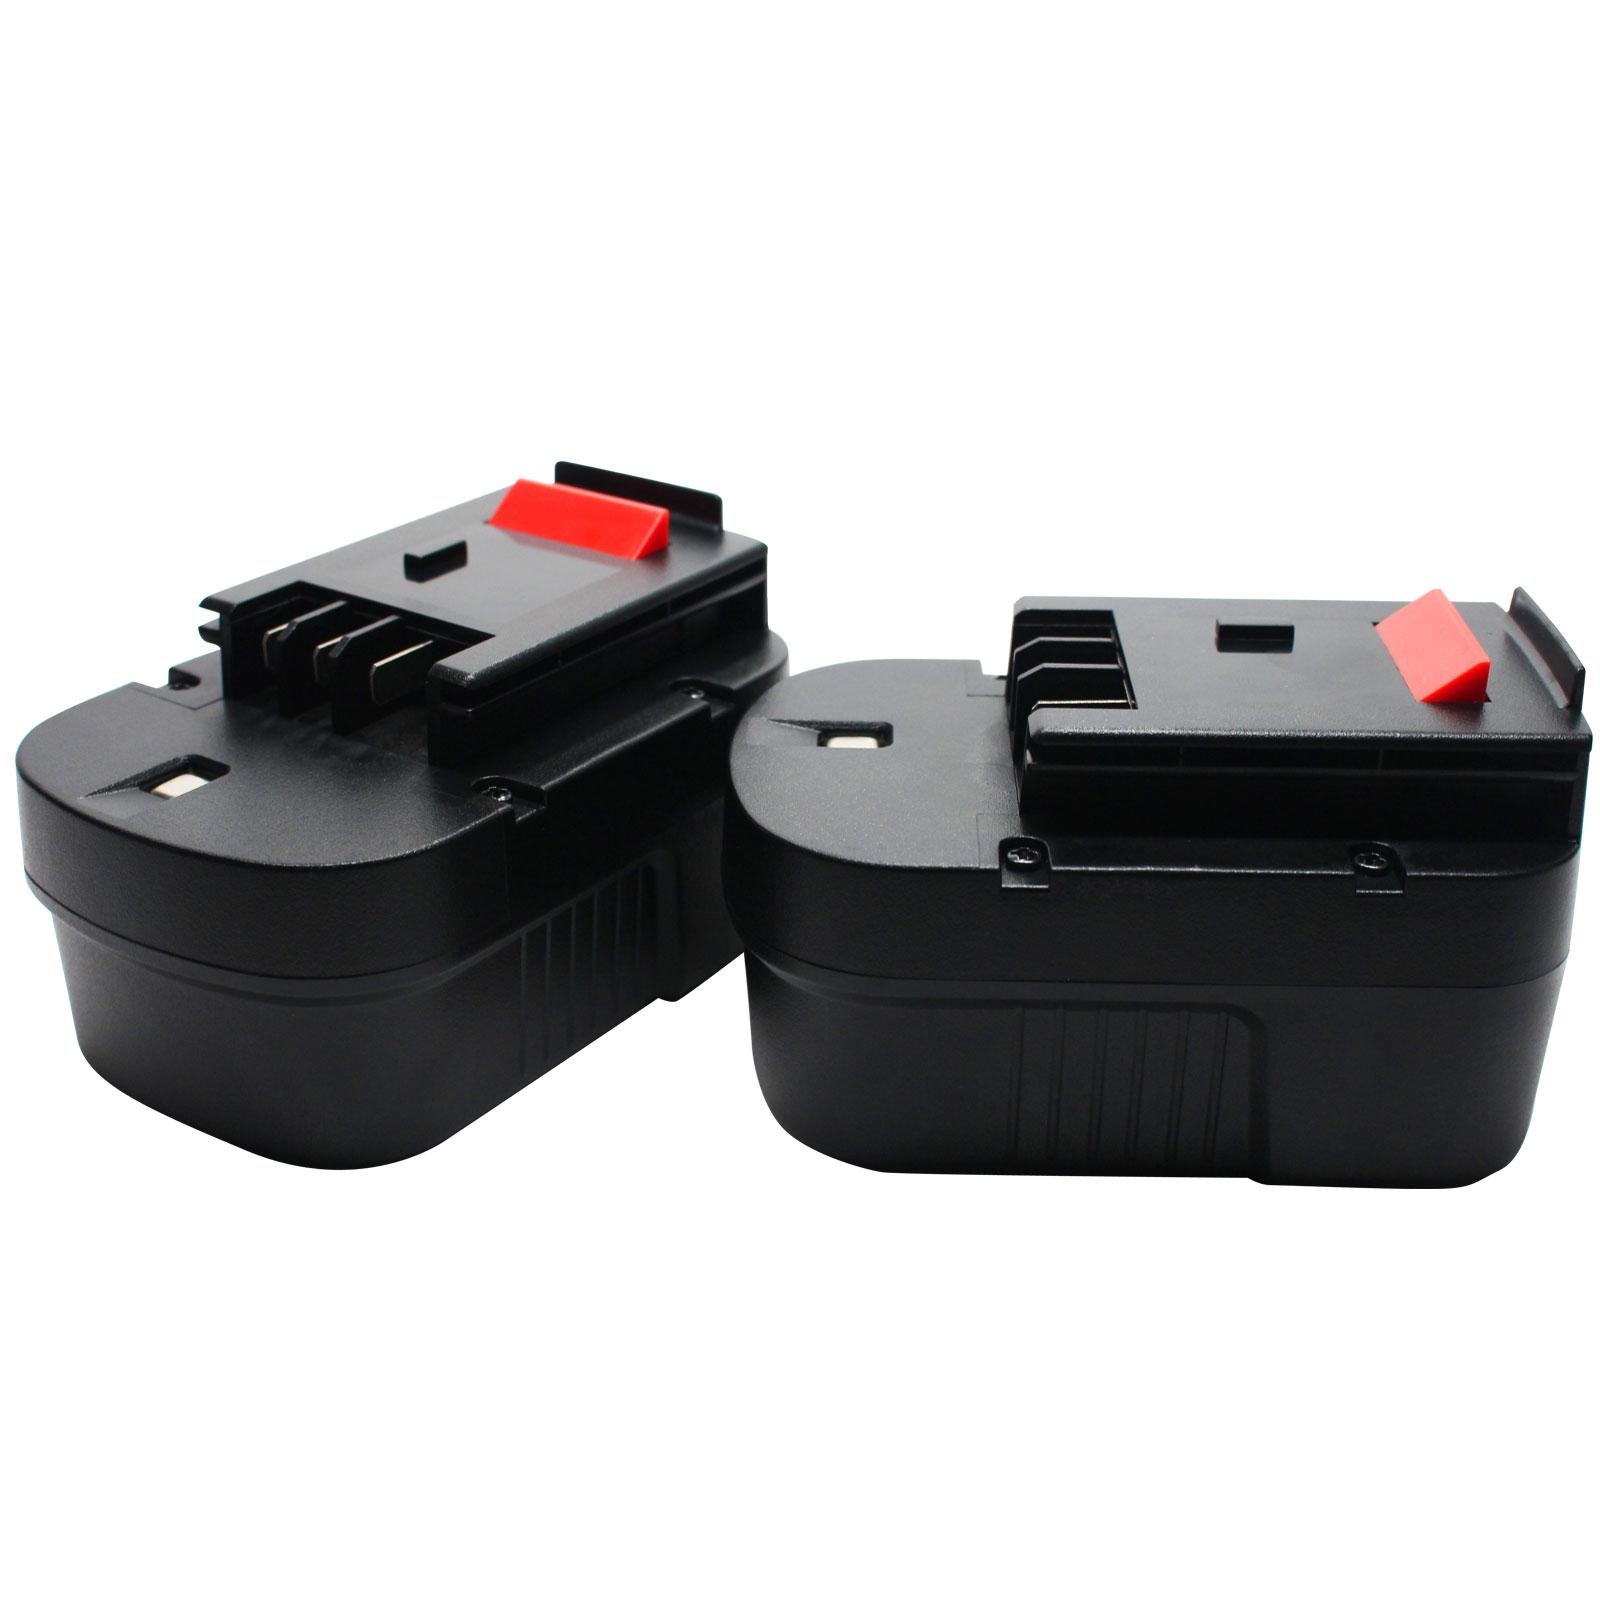 HP146F3B 1500mAh 14.4V NiMH Akku für Black /& Decker HP146F2 HP146F2B